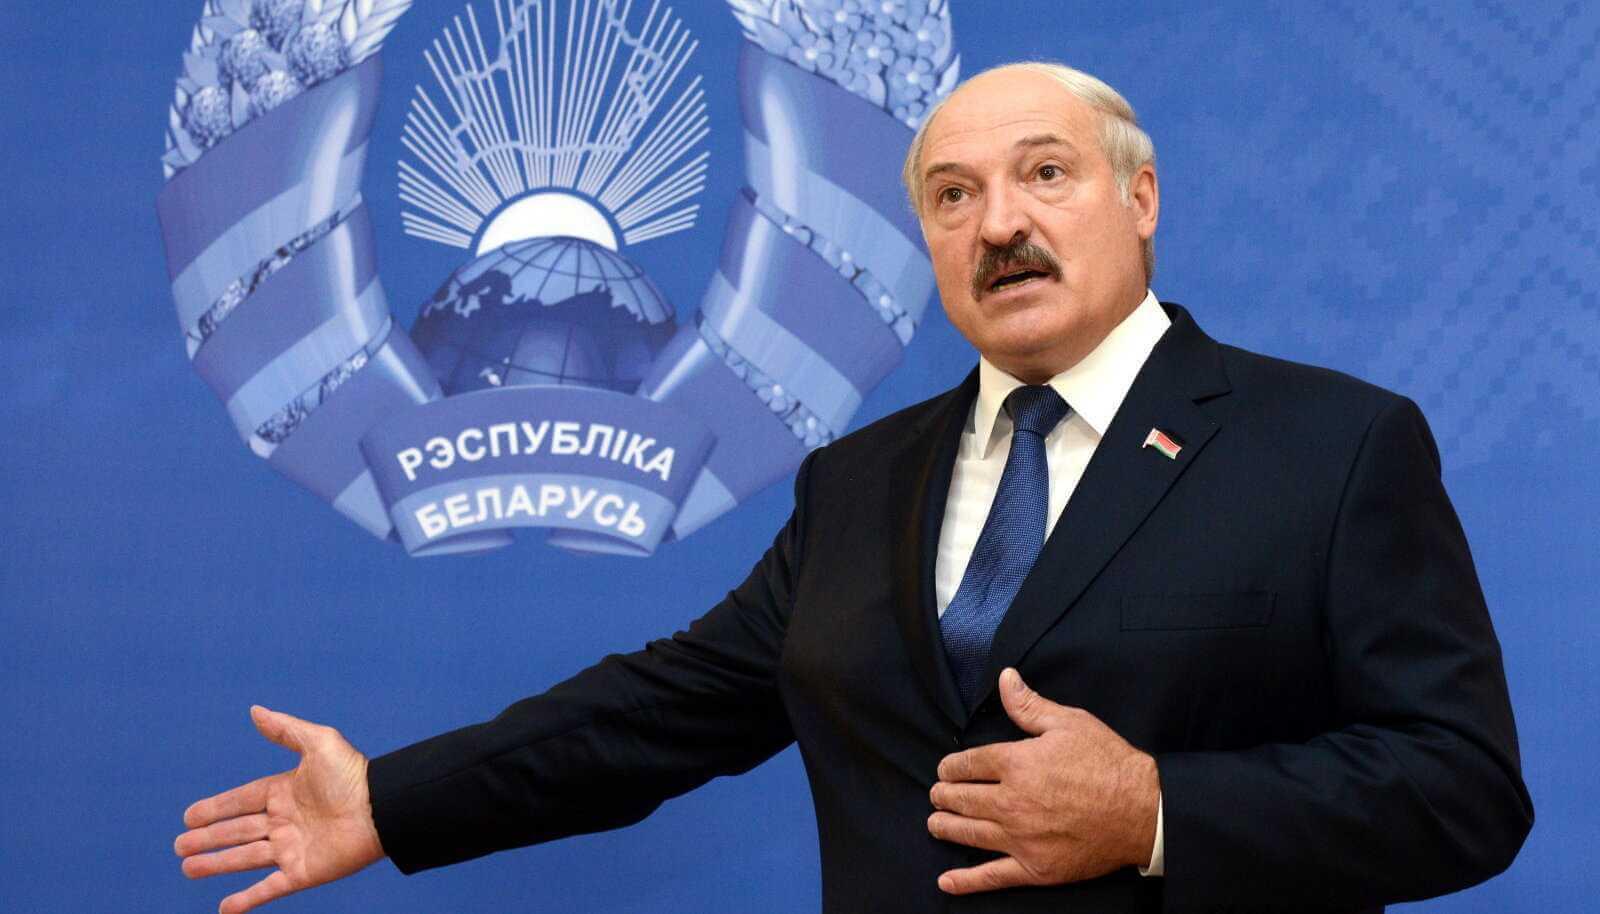 Łukaszenko w CNN: to, co mówi polski rząd, to szaleństwo